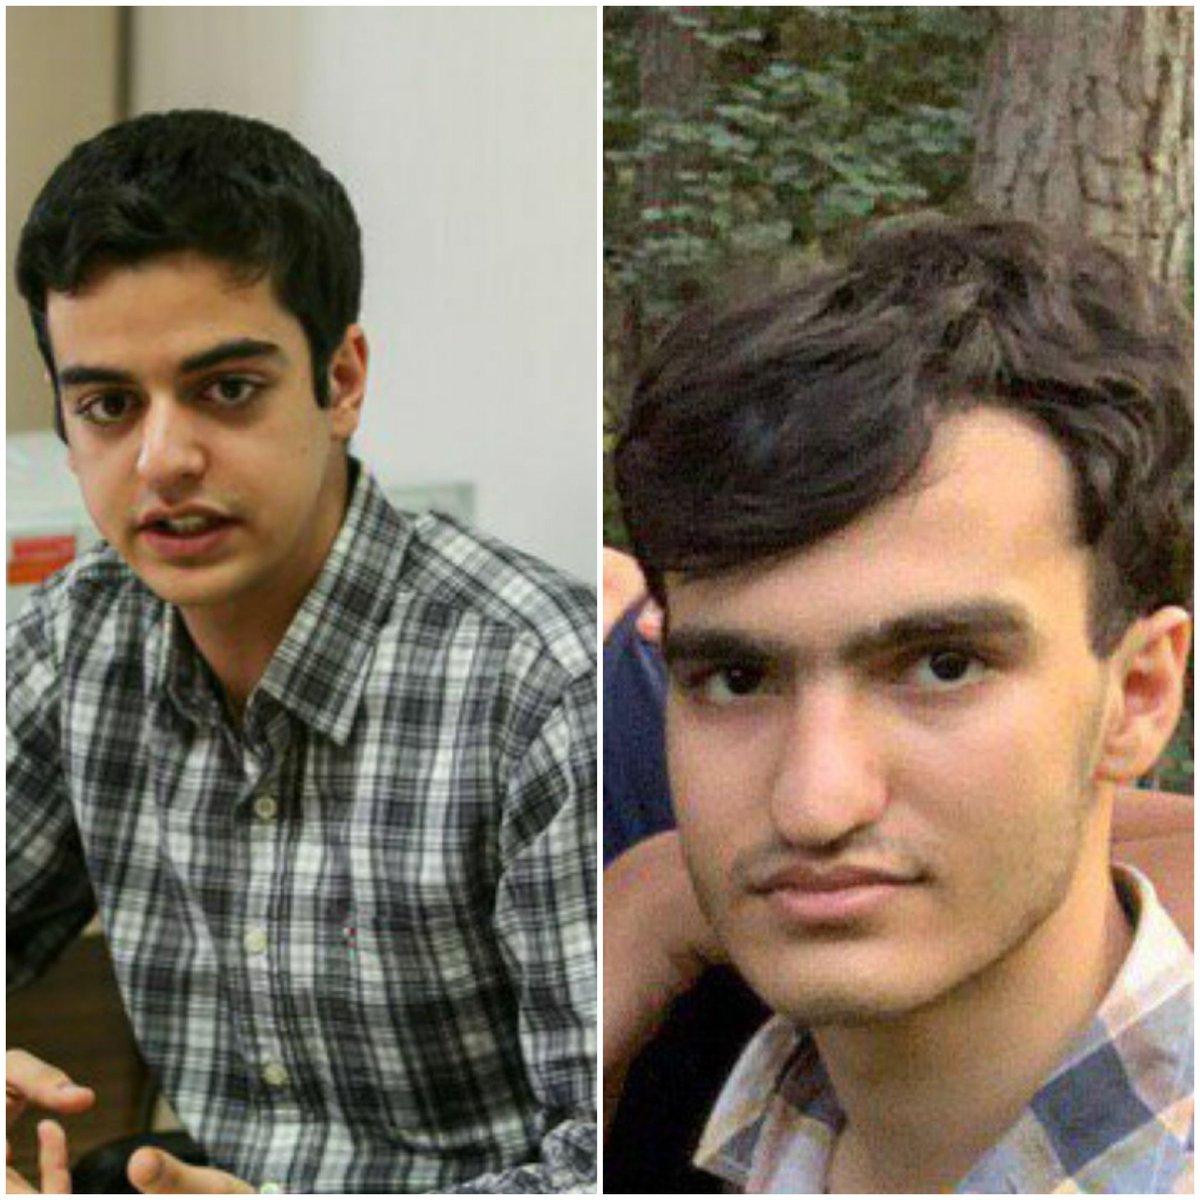 دیروز: #امیرحسین_مرادی دانشجو … 067013001587509405